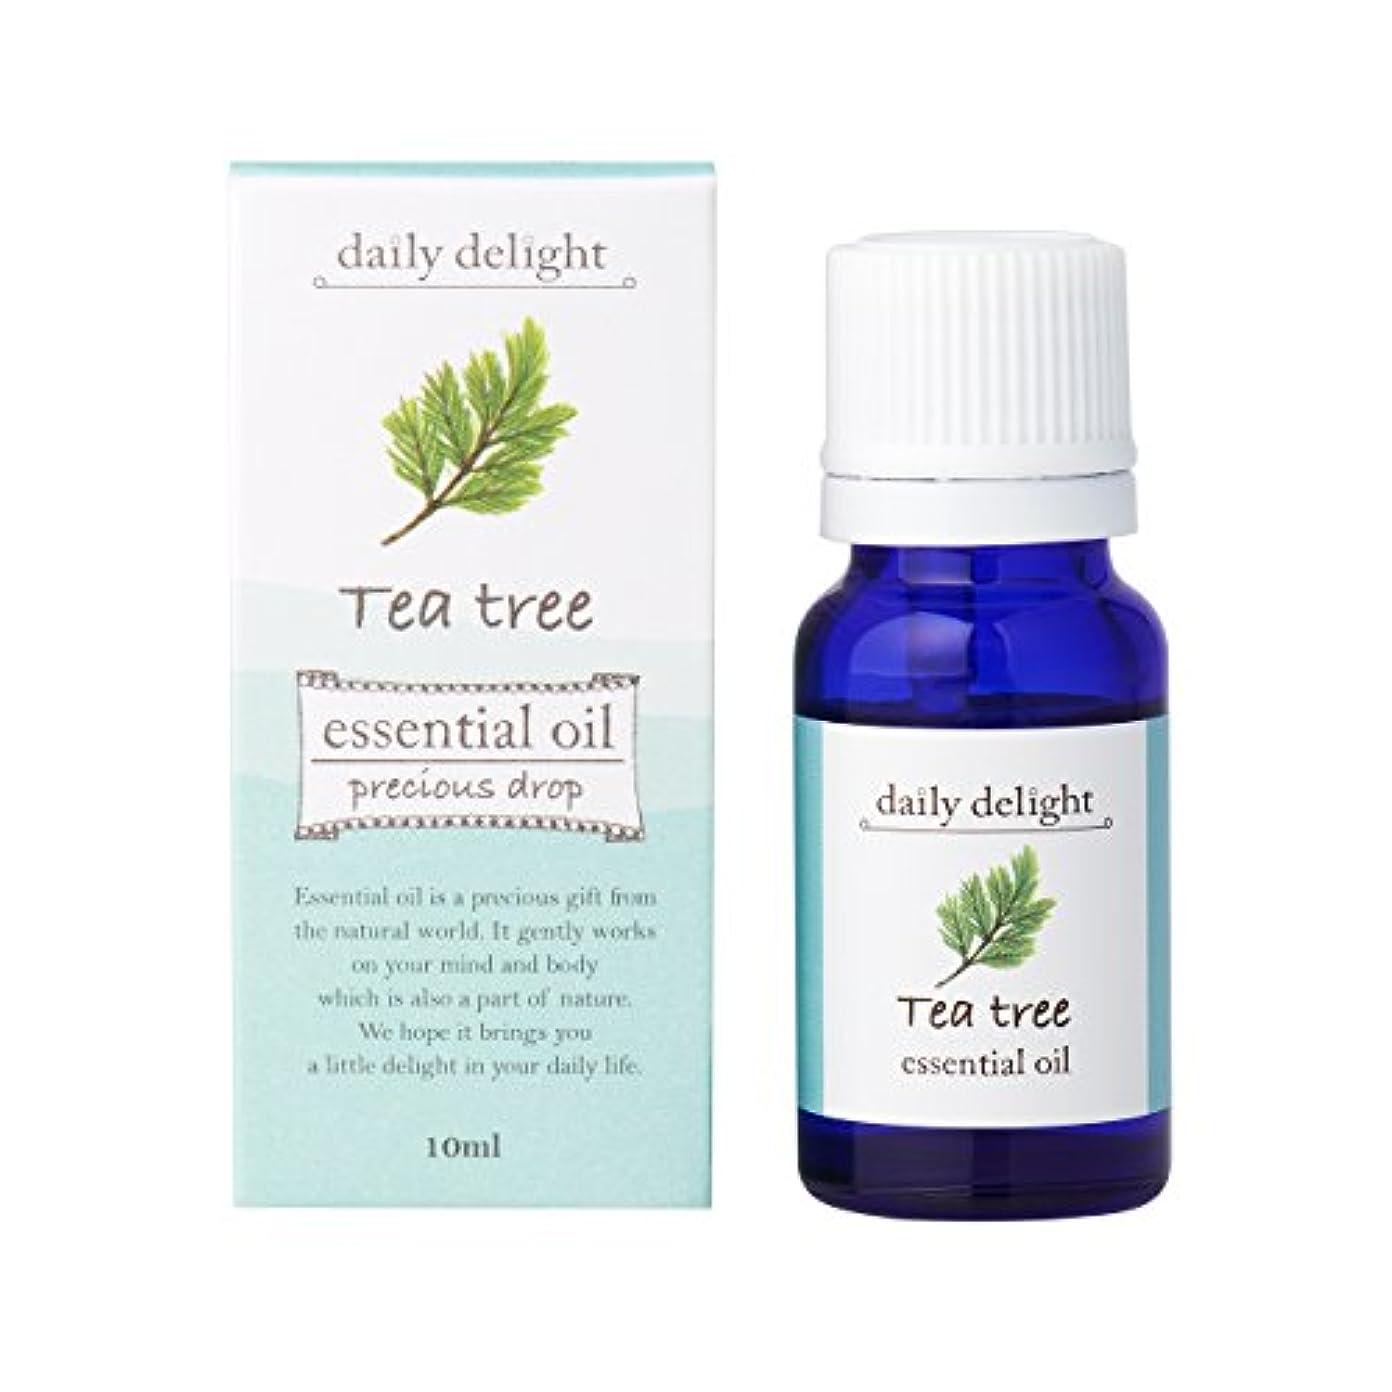 過度のミル酸素デイリーディライト エッセンシャルオイル  ティートゥリー 10ml(天然100% 精油 アロマ 樹木系 フレッシュですっきりとした香り)